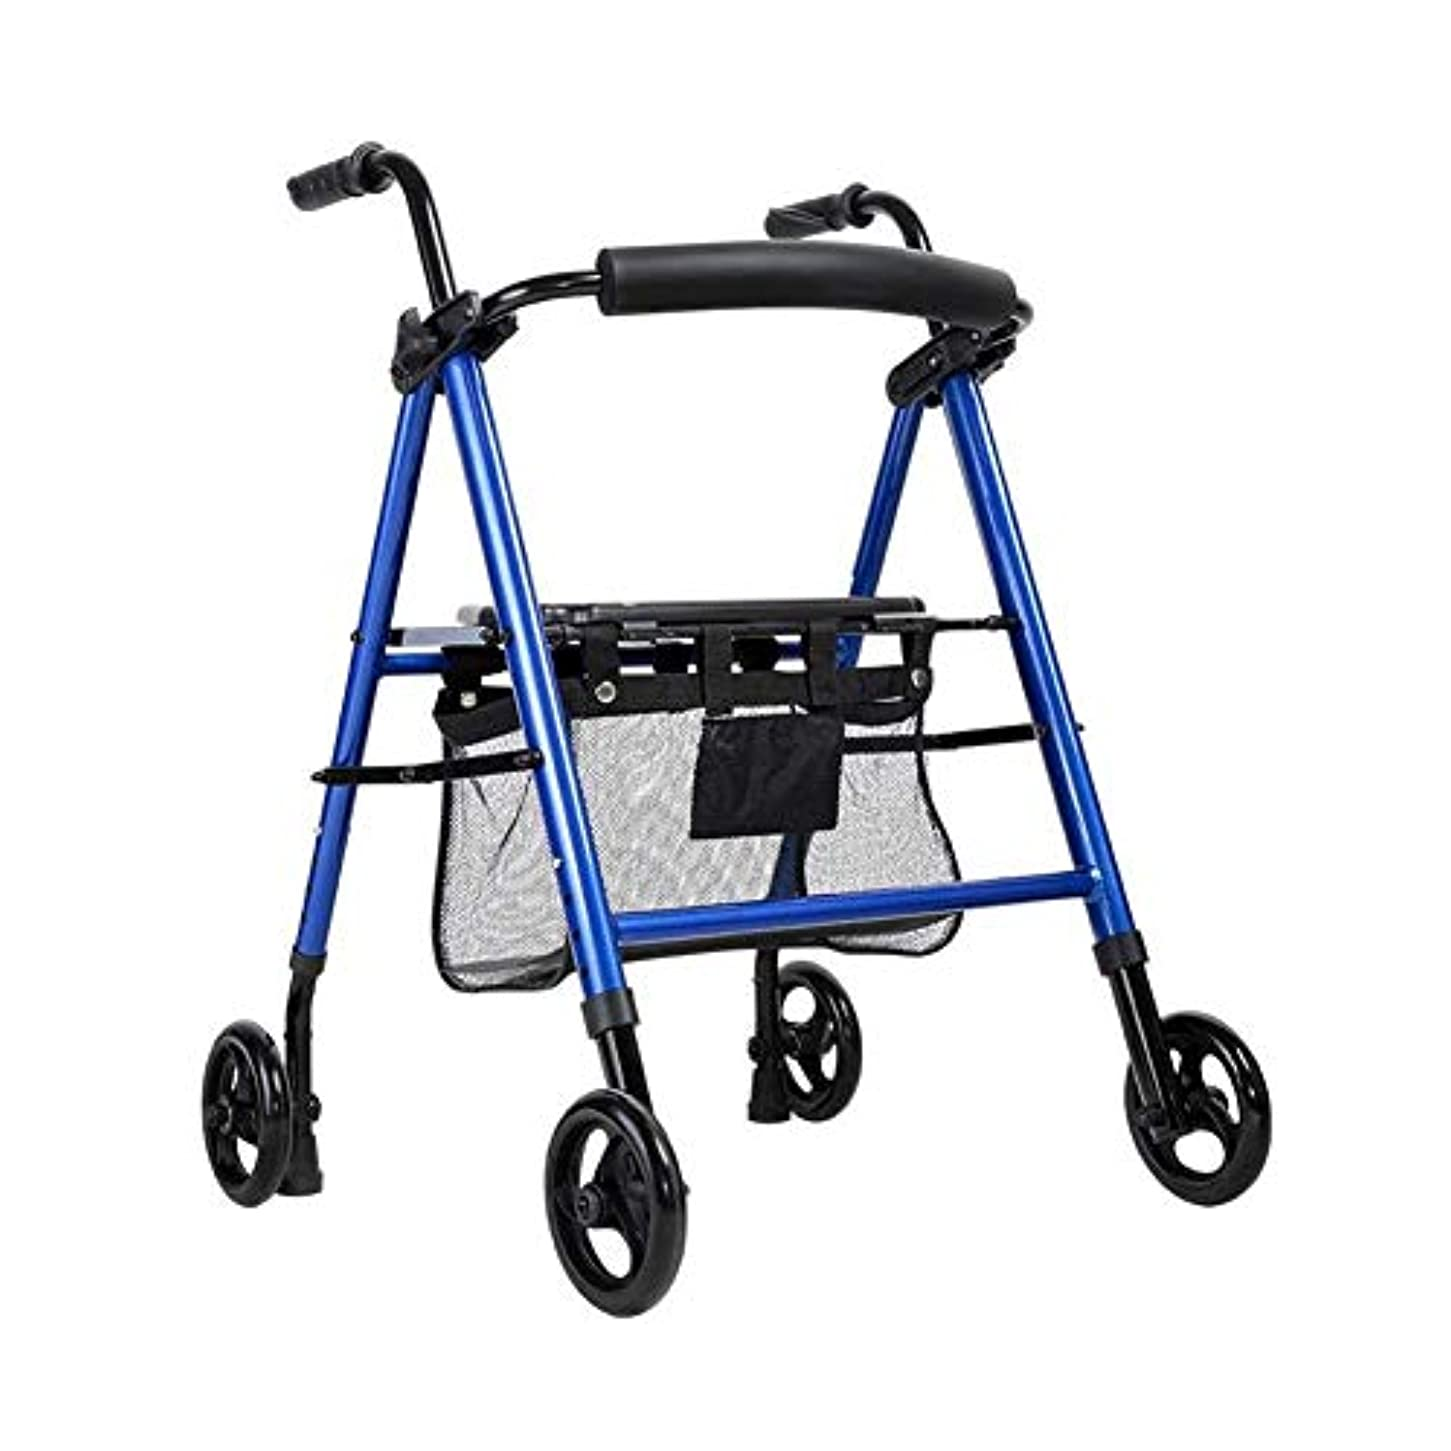 急いで他のバンドで最大軽量アルミニウム歩行トロリー、高齢者用の調節可能なシートエイド付き4輪ローラー